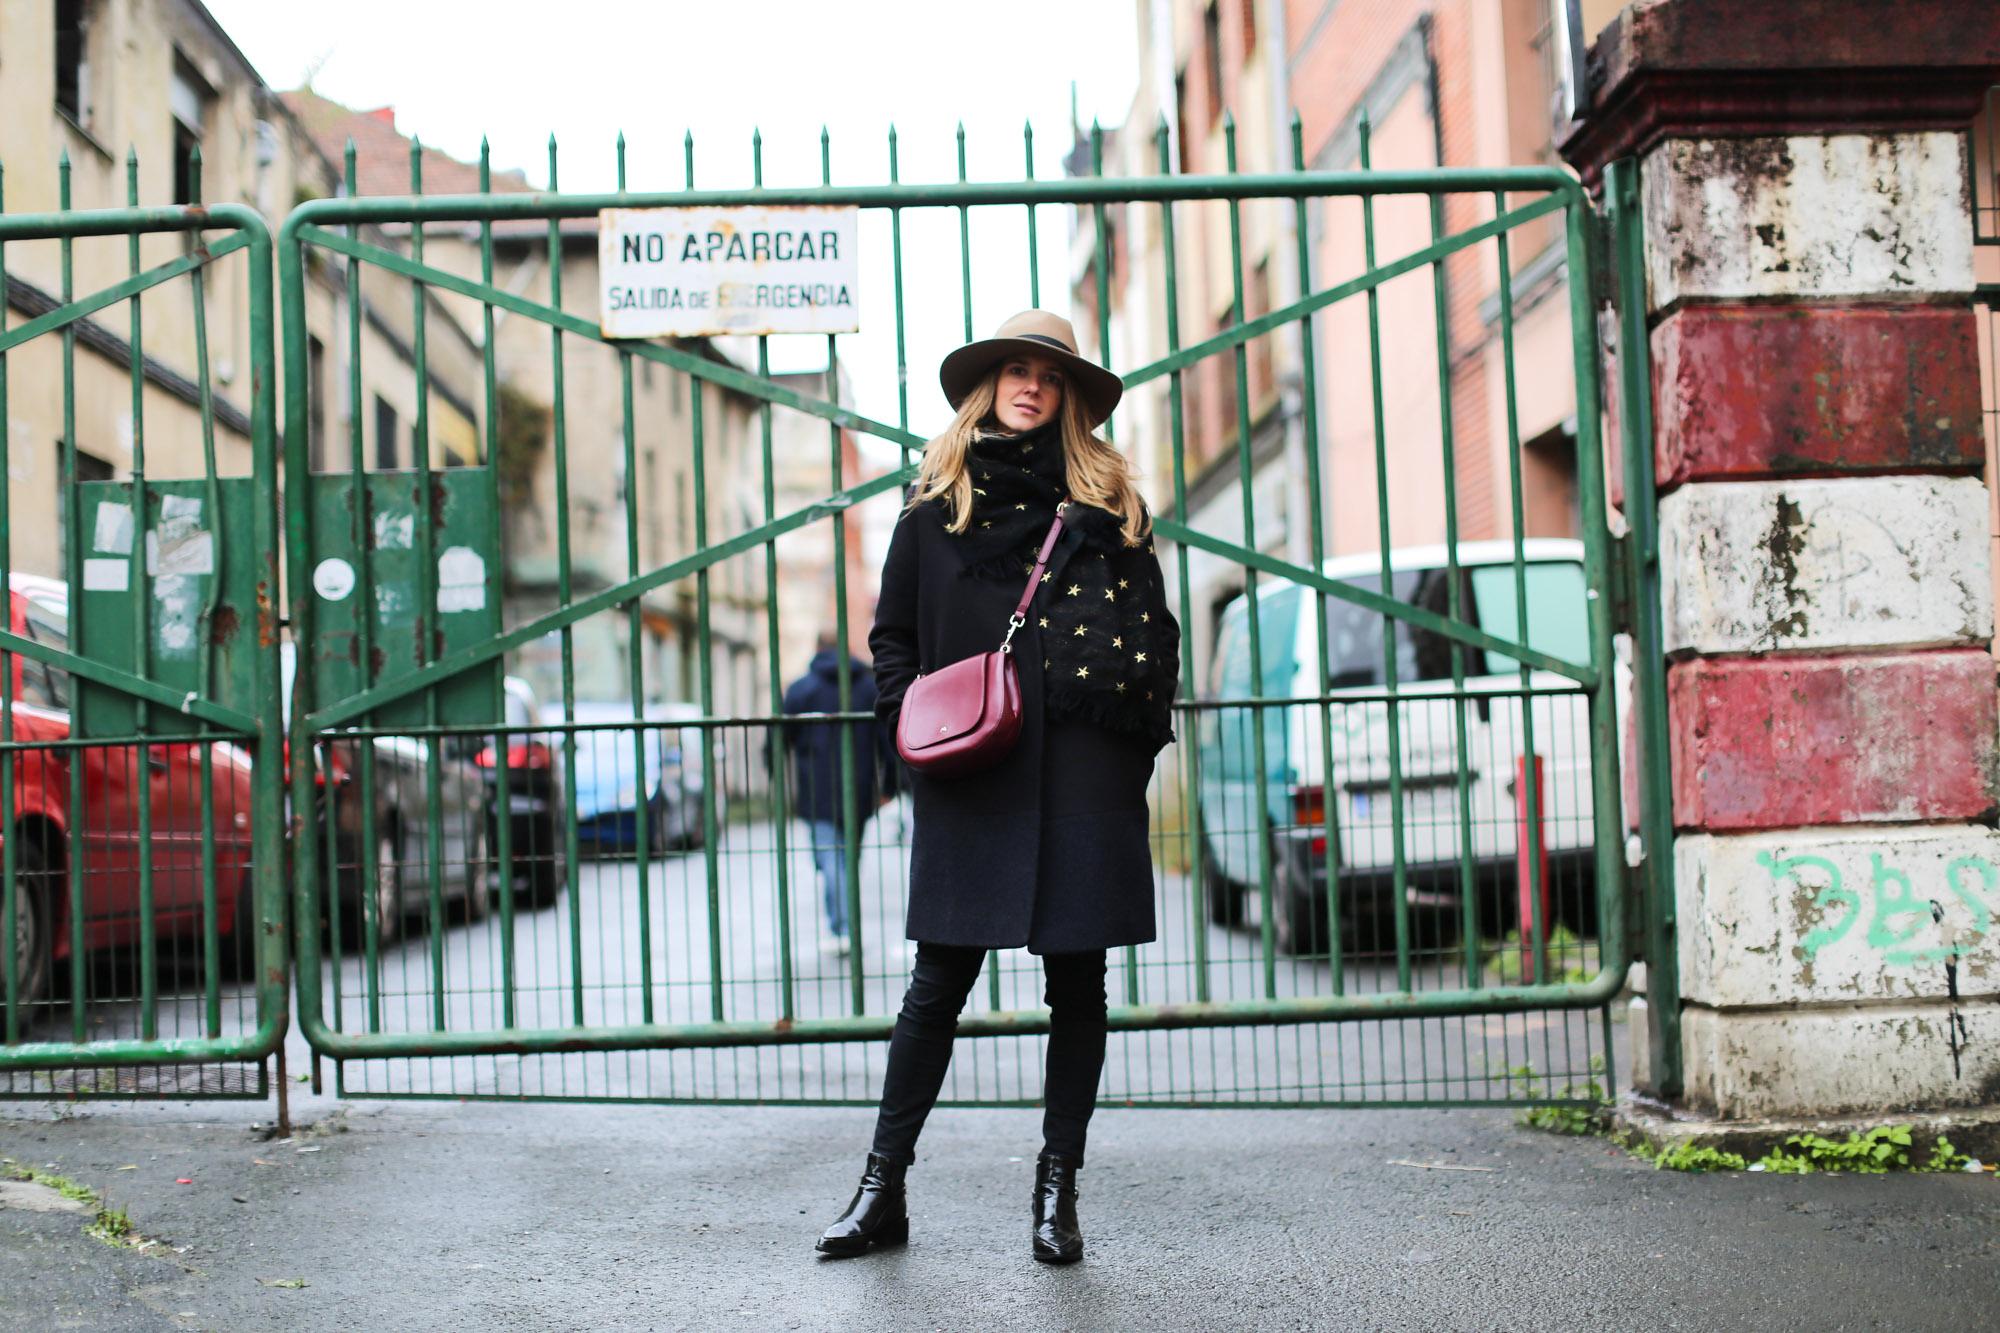 Clochet_fashionblogger_streetstyle_coswoolcoat_purificaciongarciapañuelodeseda_bolsobandolerawestfalia